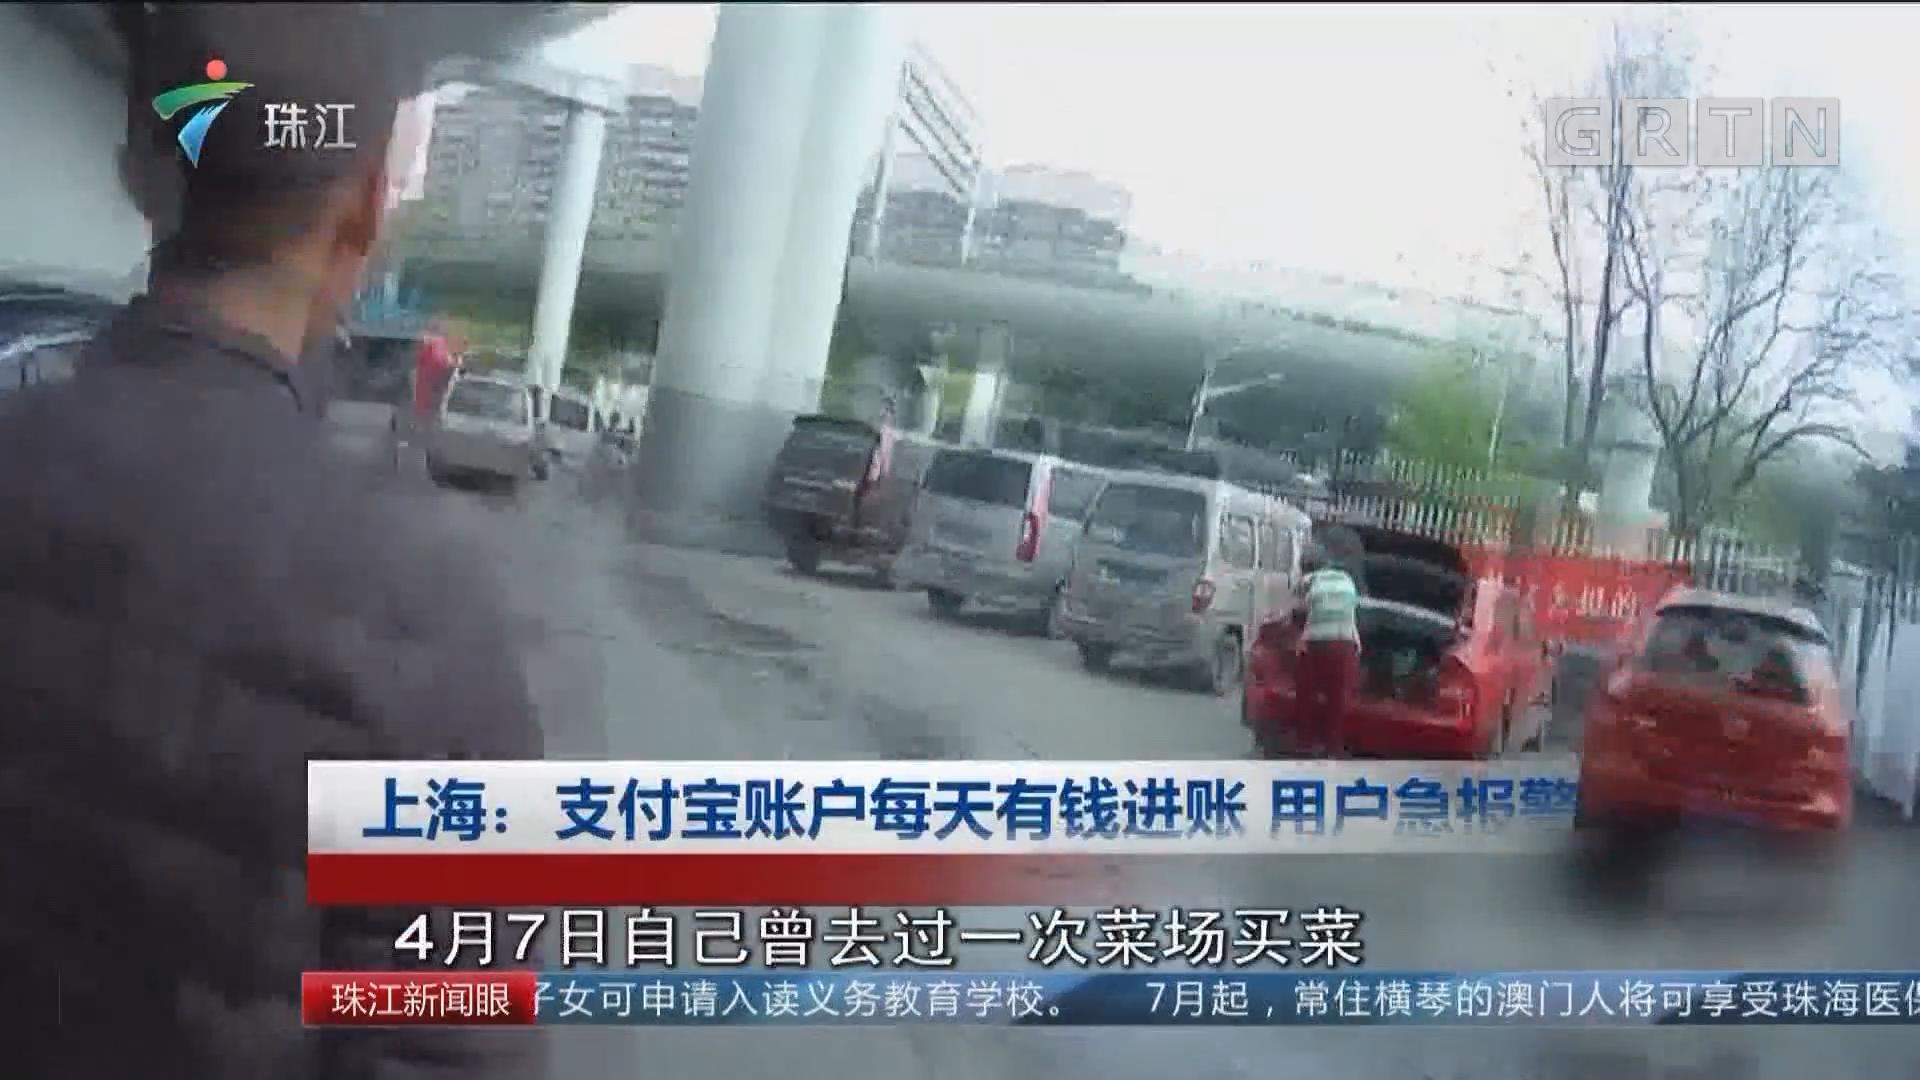 上海:支付宝账户每天有钱进账 用户急报警